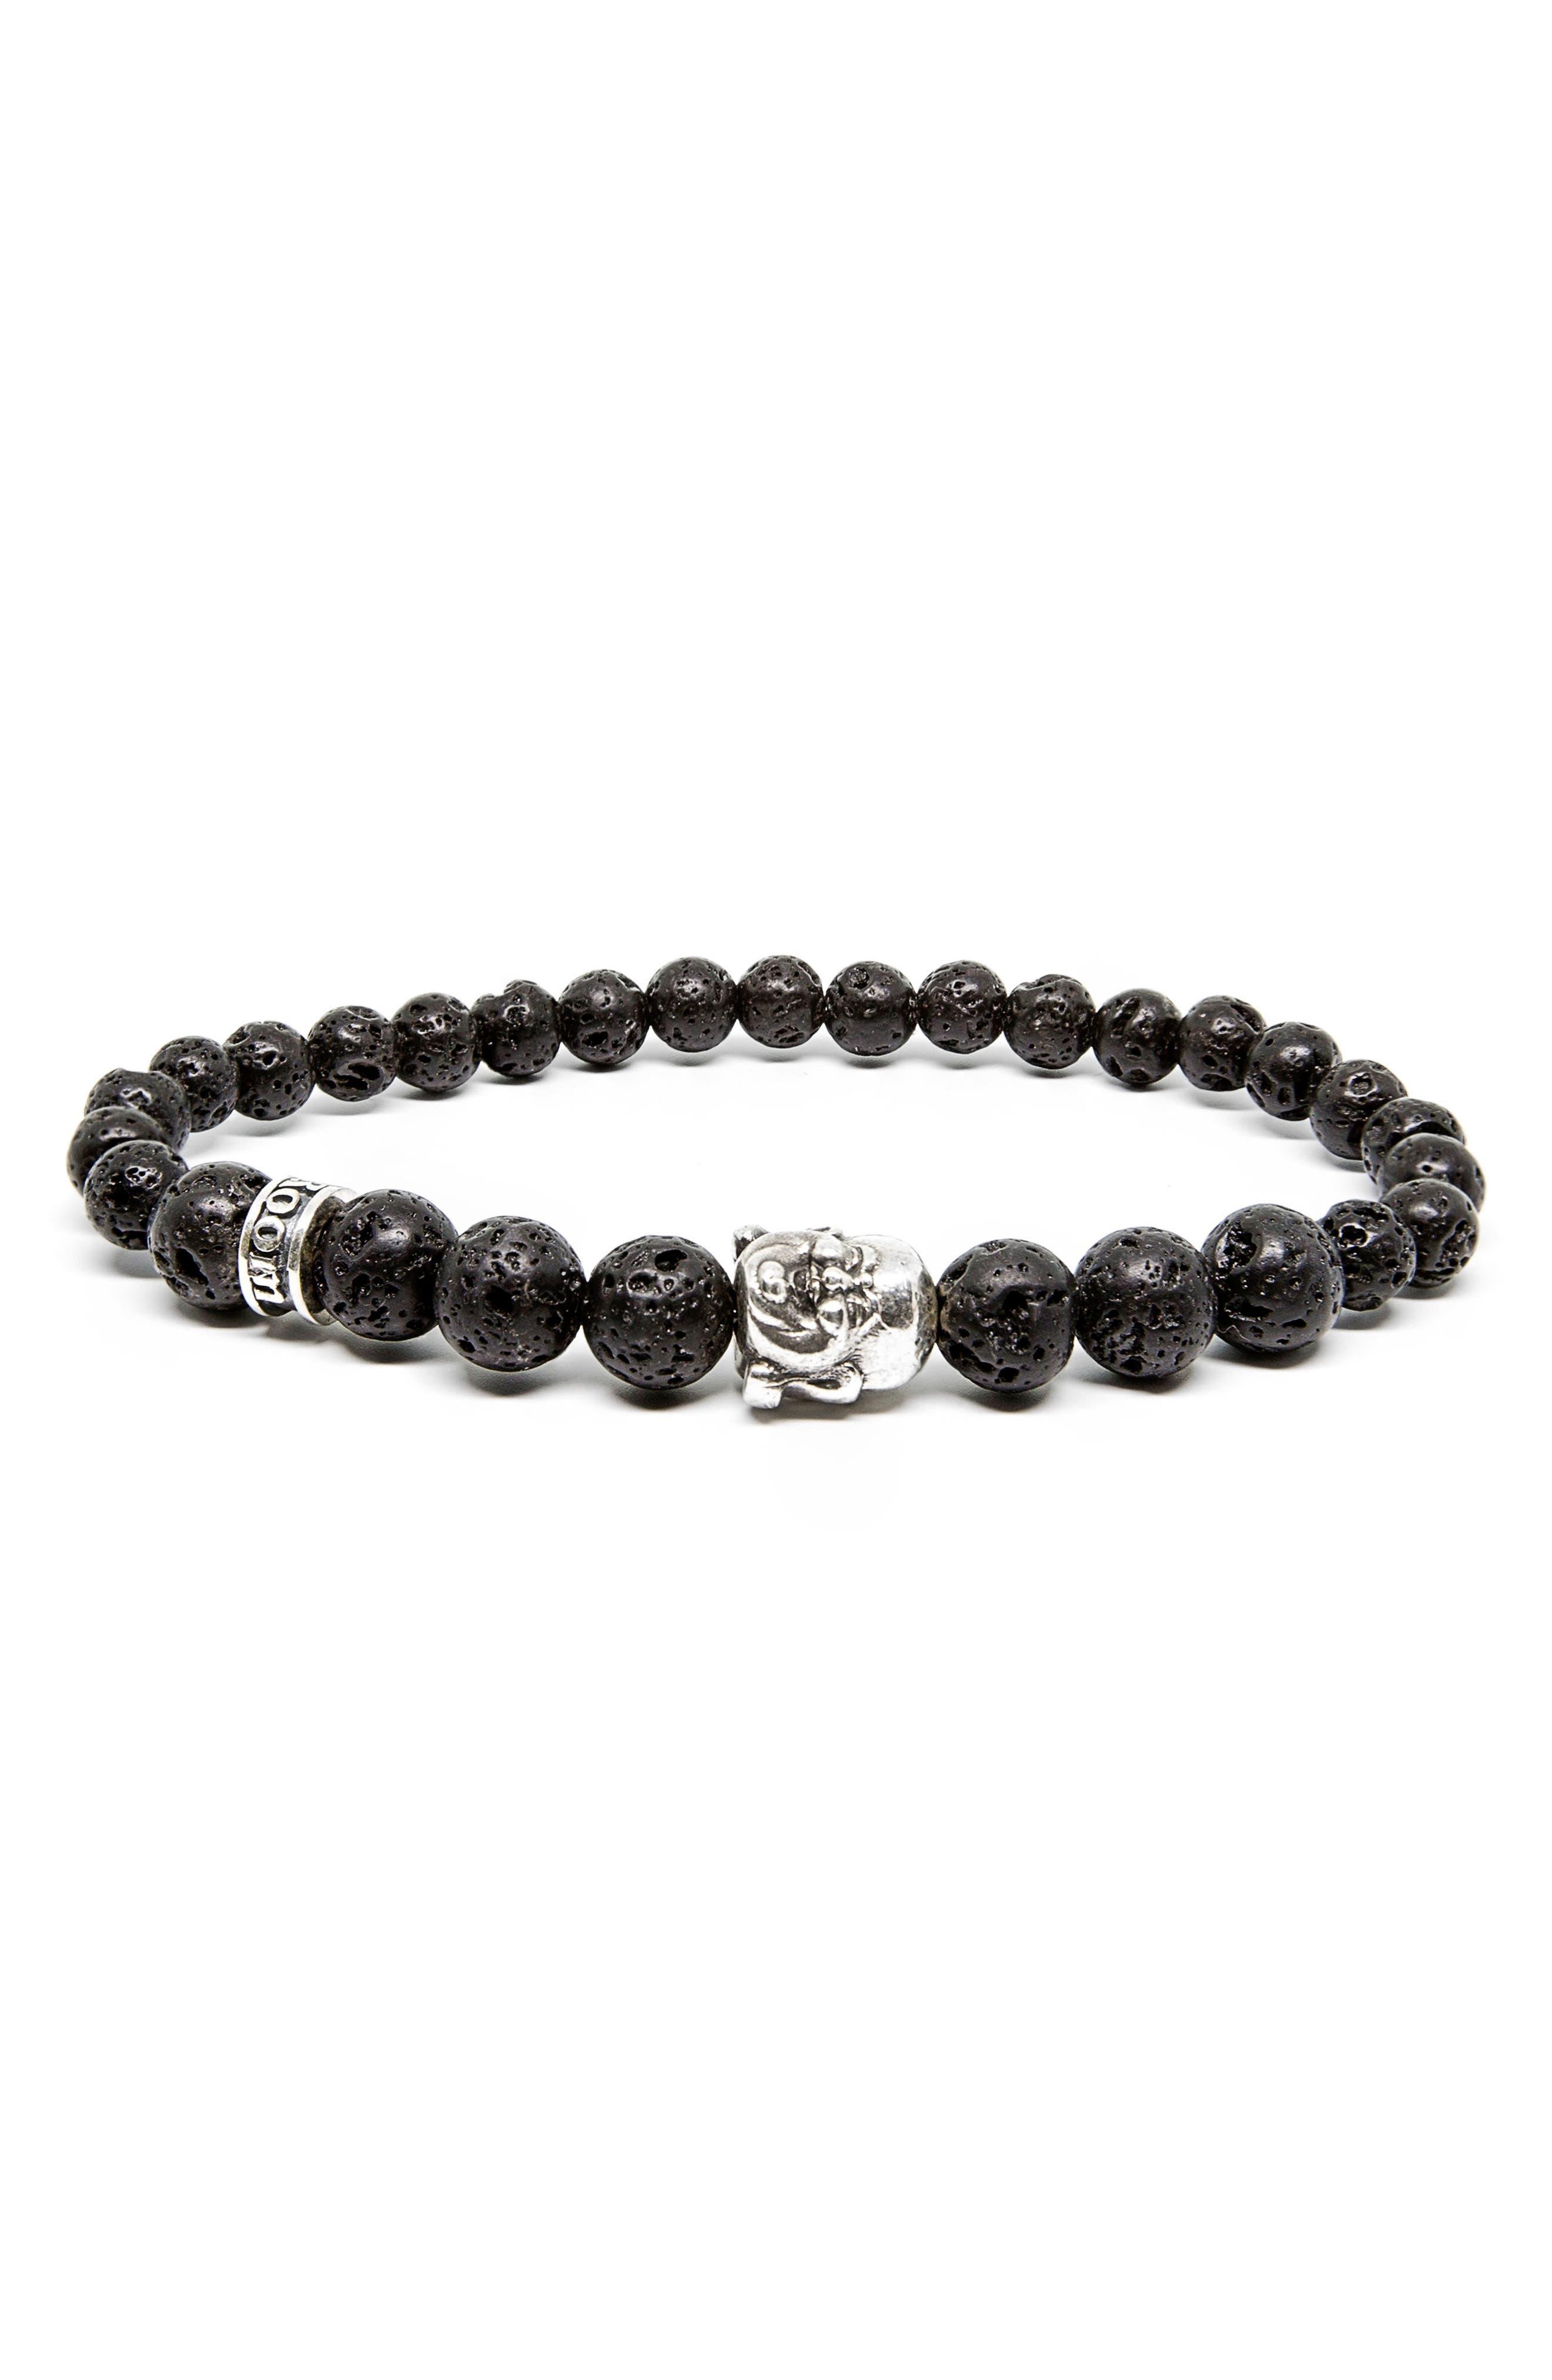 Main Image - Room101 Lava Stone Buddha Bracelet